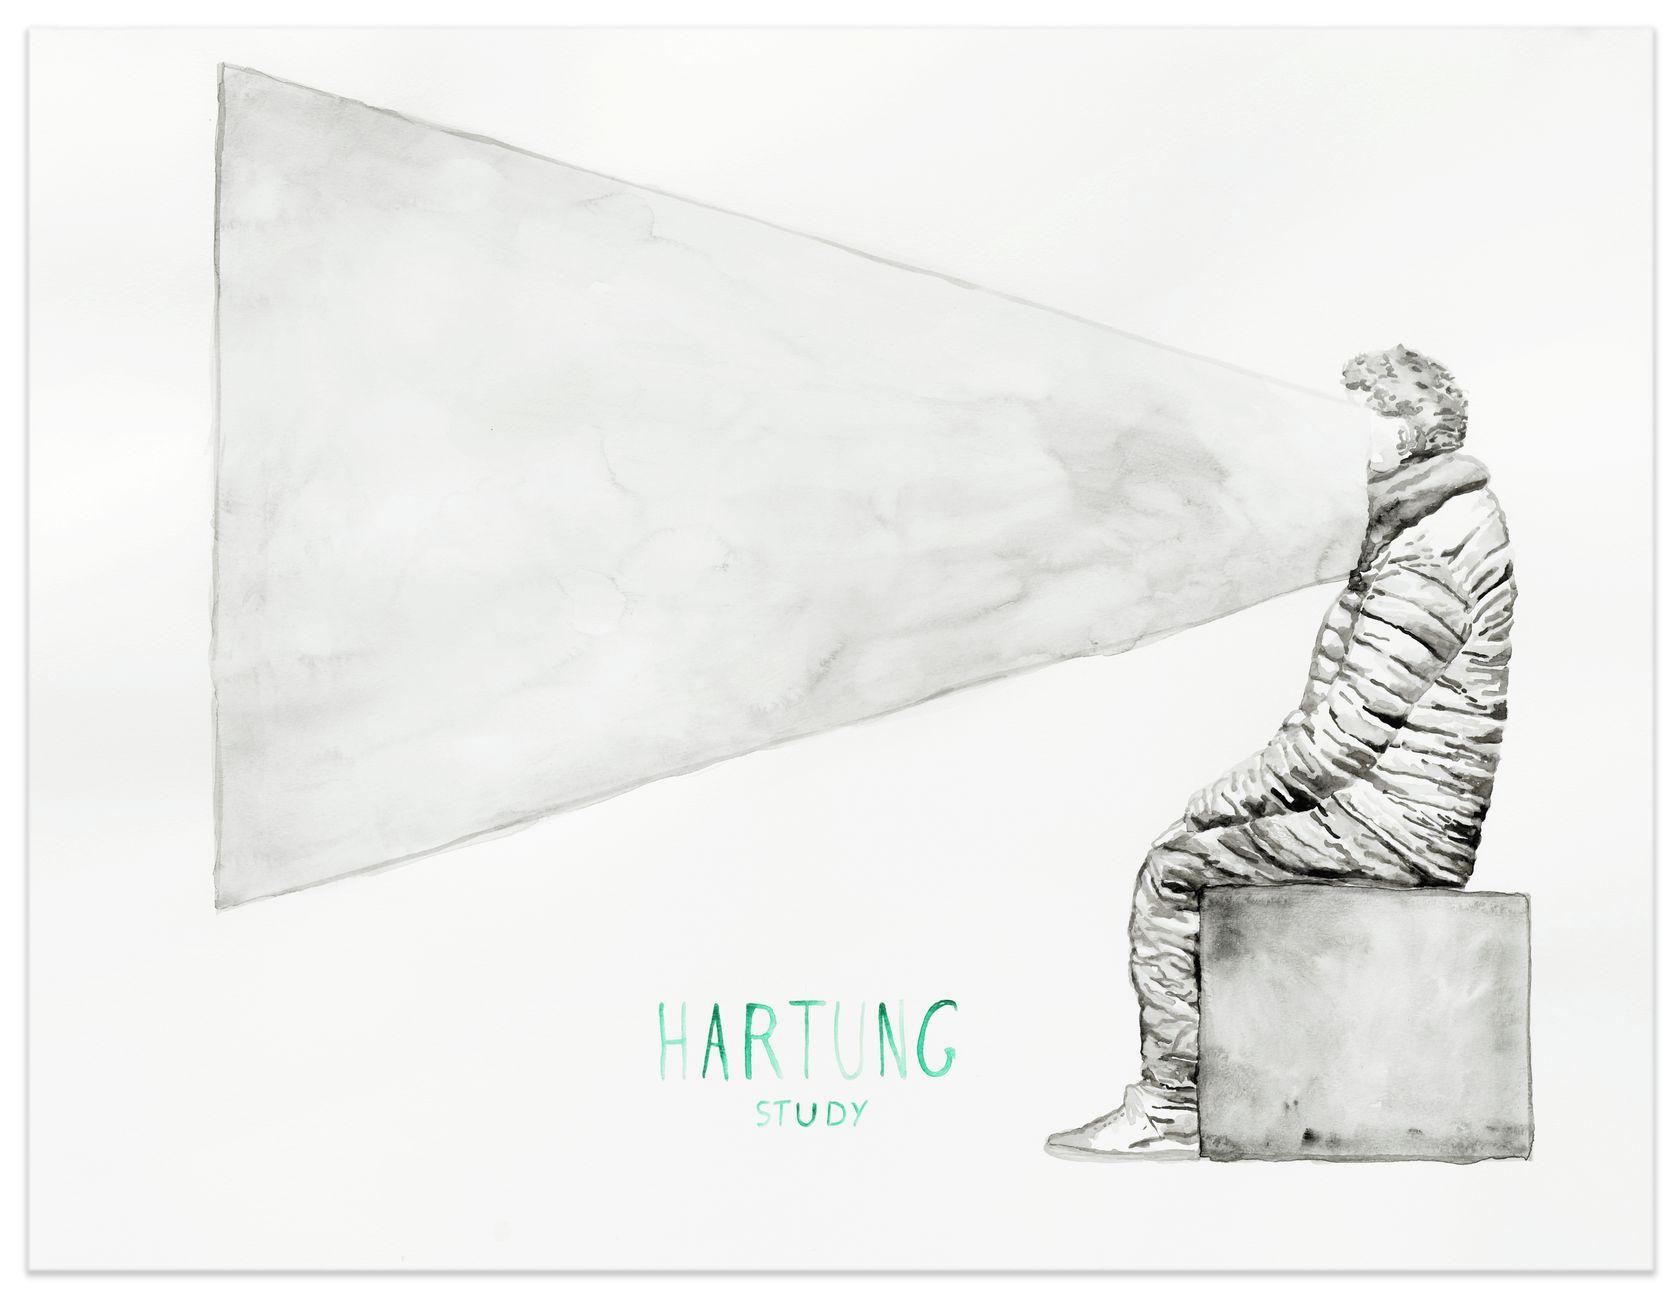 Abraham Poincheval, Hartung, 2021 Aquarelle sur papier50 × 65 cm / 19 5/8 × 25 5/8 in. | 64 × 79 × 3.5 cm / 25 2/8 × 31 1/8 × 1 3/8 in. (encadré/framed)